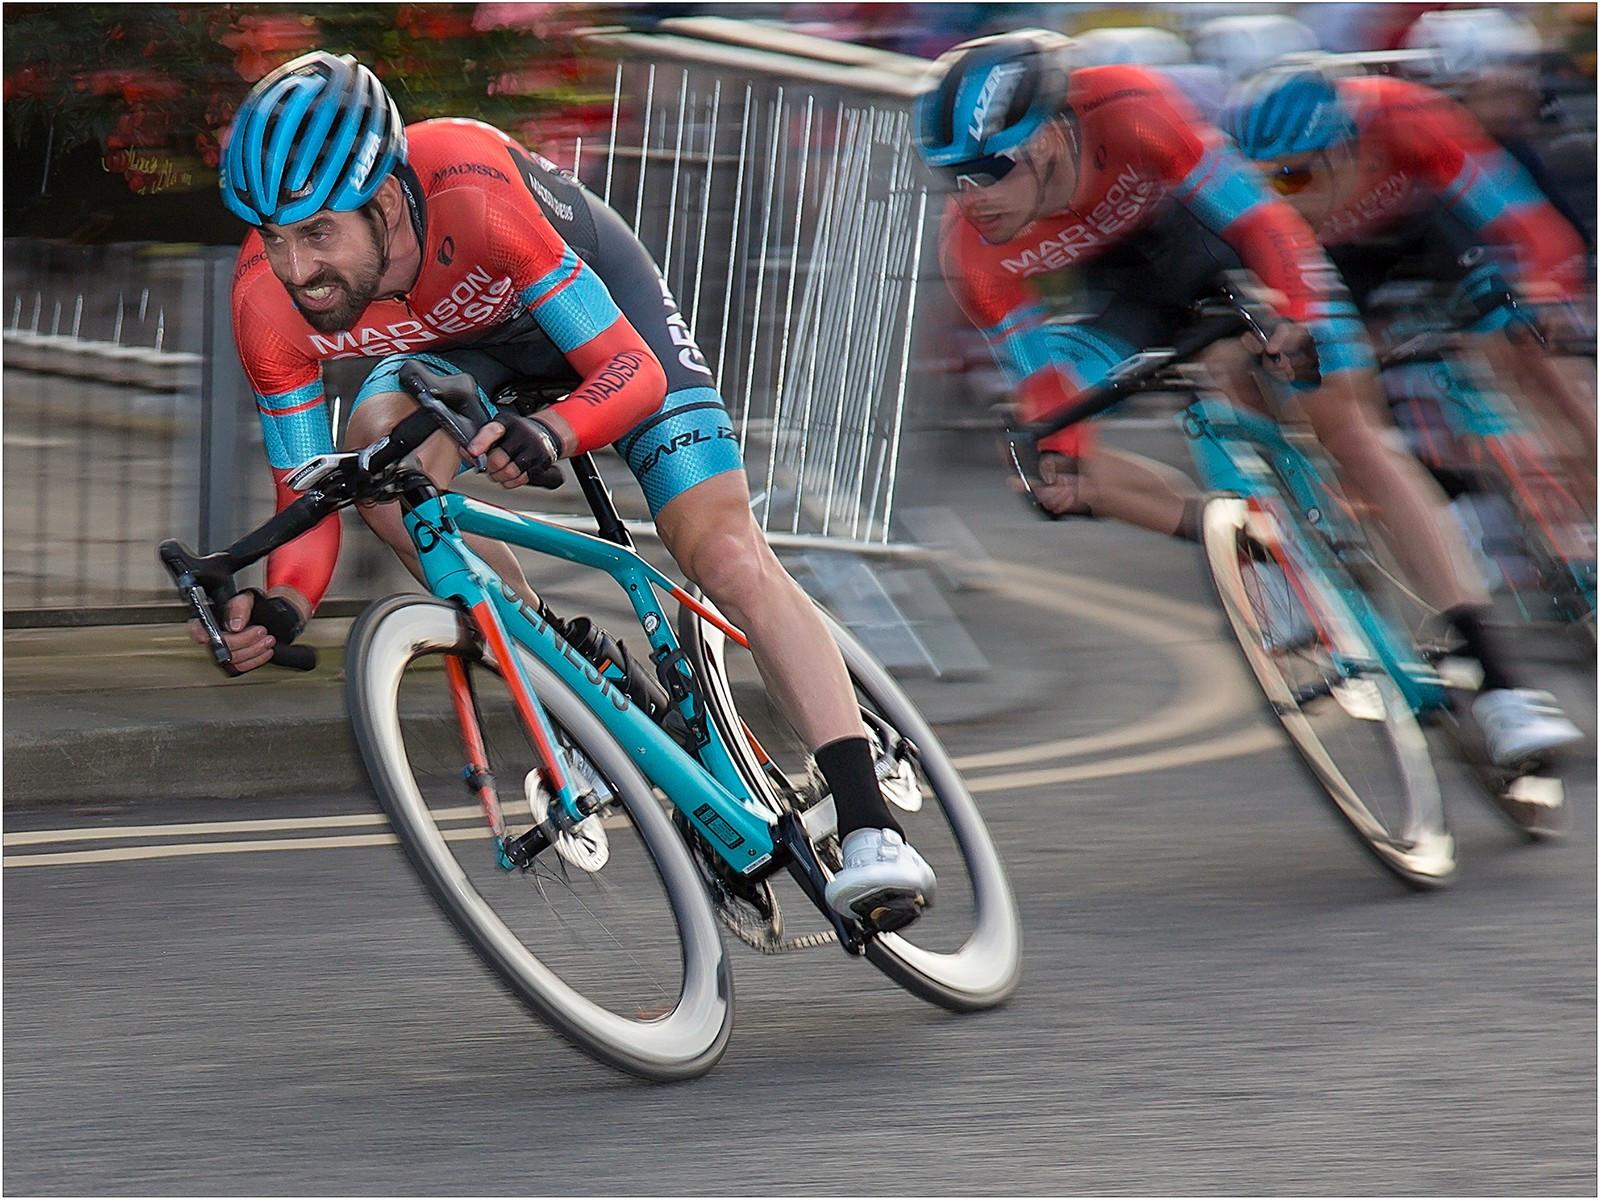 Aggression - Colne Cycling Grand Prix 2019